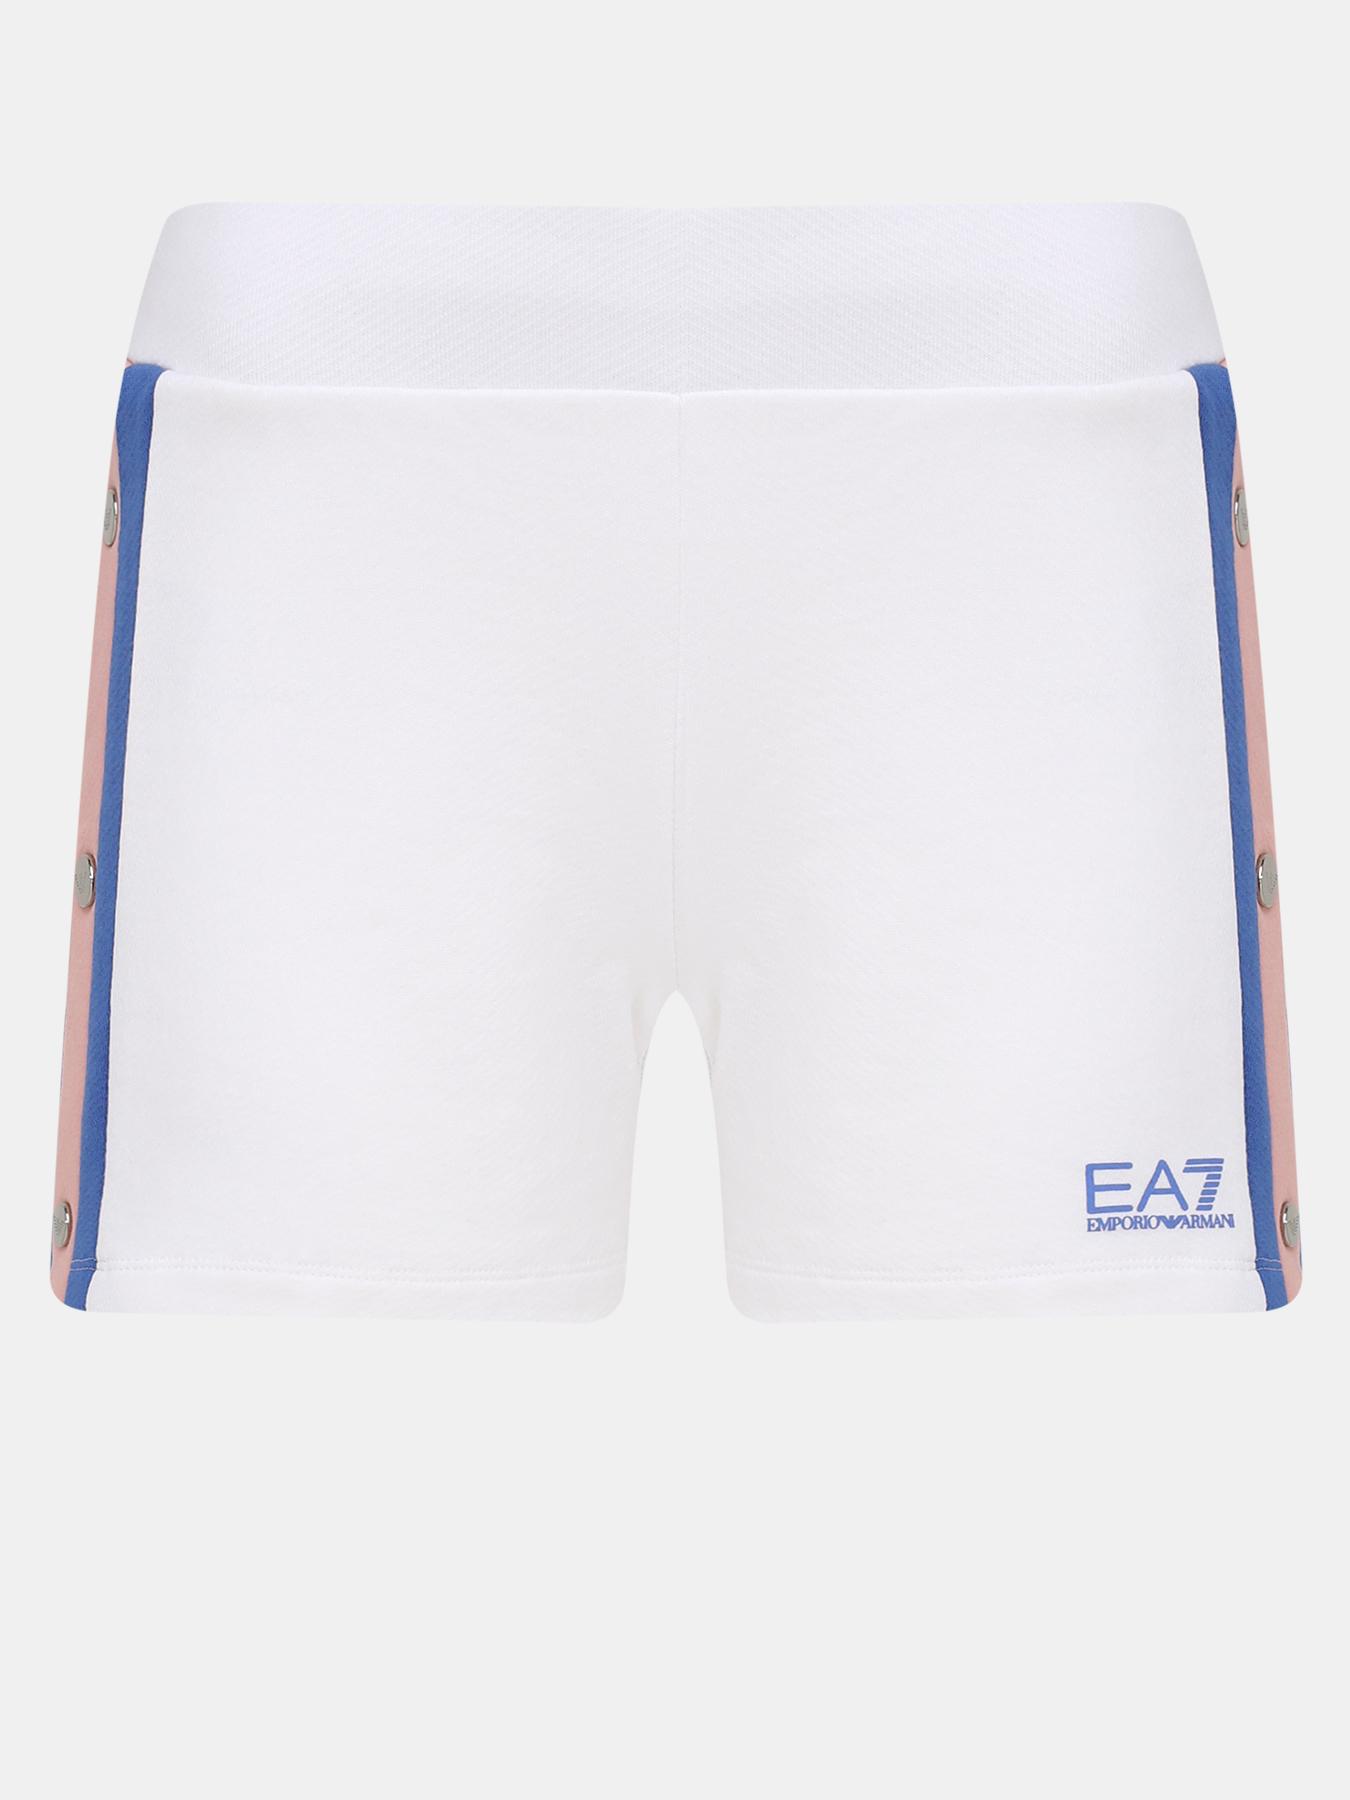 Фото - Шорты EA7 Emporio Armani Спортивные шорты ea7 ea002emuei30